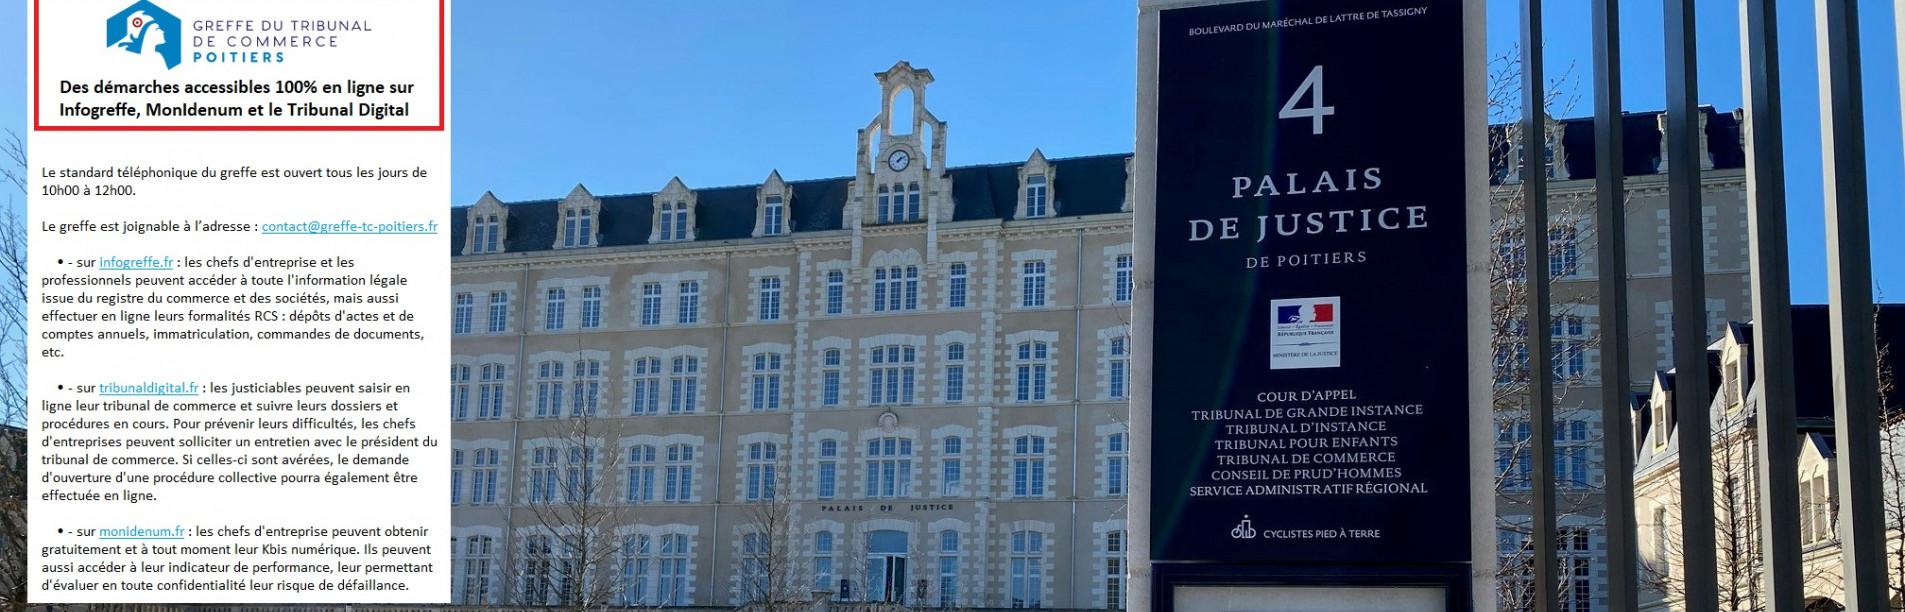 Greffe du Tribunal de Paris